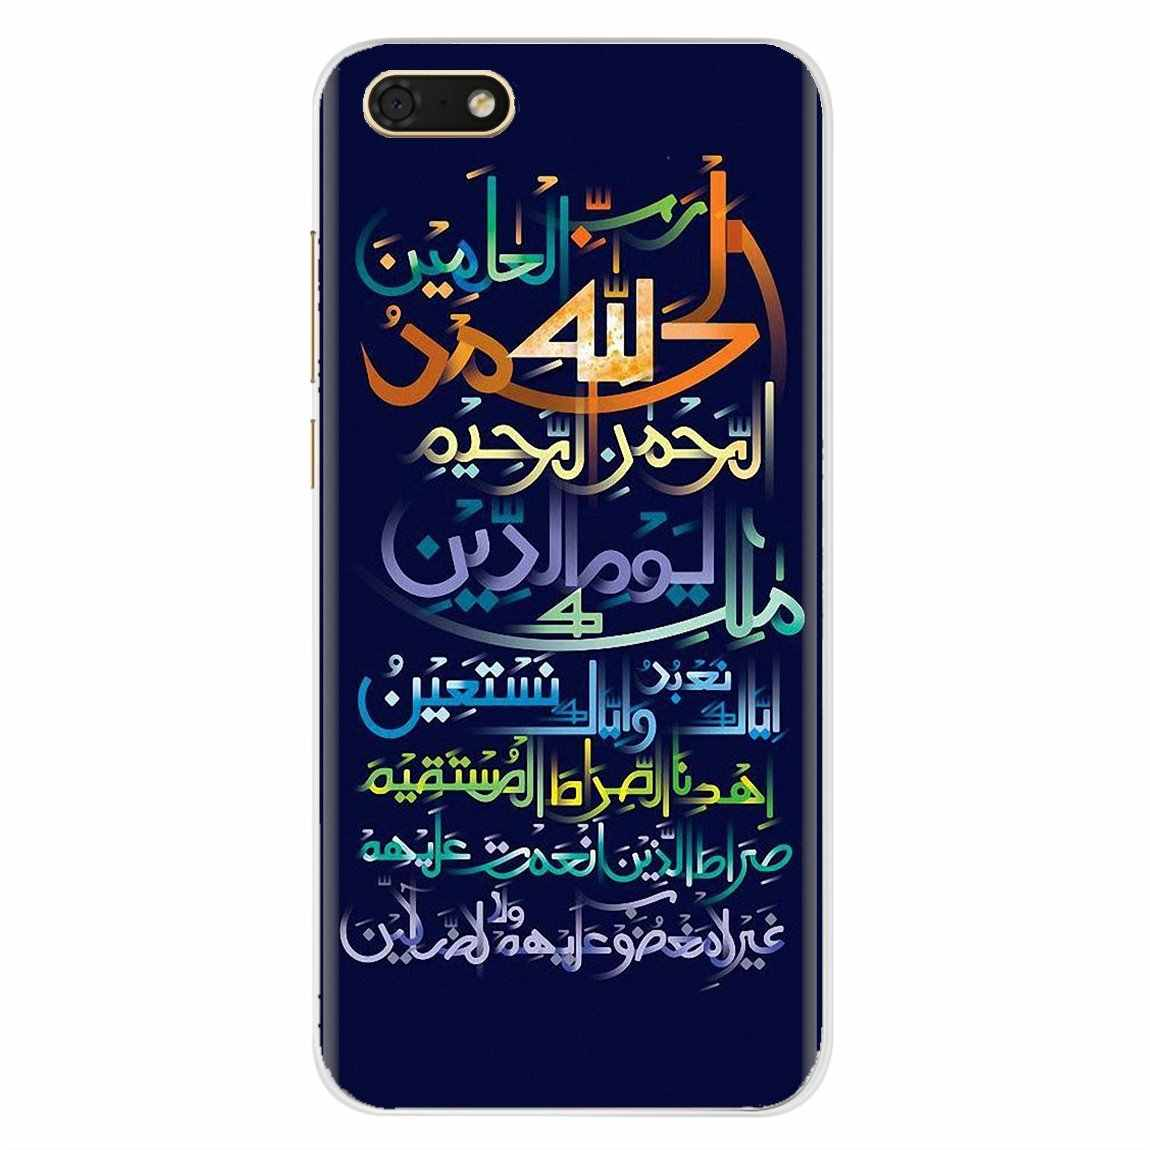 ซิลิโคนครอบคลุมโทรศัพท์ Holy Quran มุสลิม Surah Ikhlas อิสลามสำหรับ ZTE ใบมีด A520 A512 A452 A602 A5 2019 V6 V7 v8 V9 V10 Lite Viat